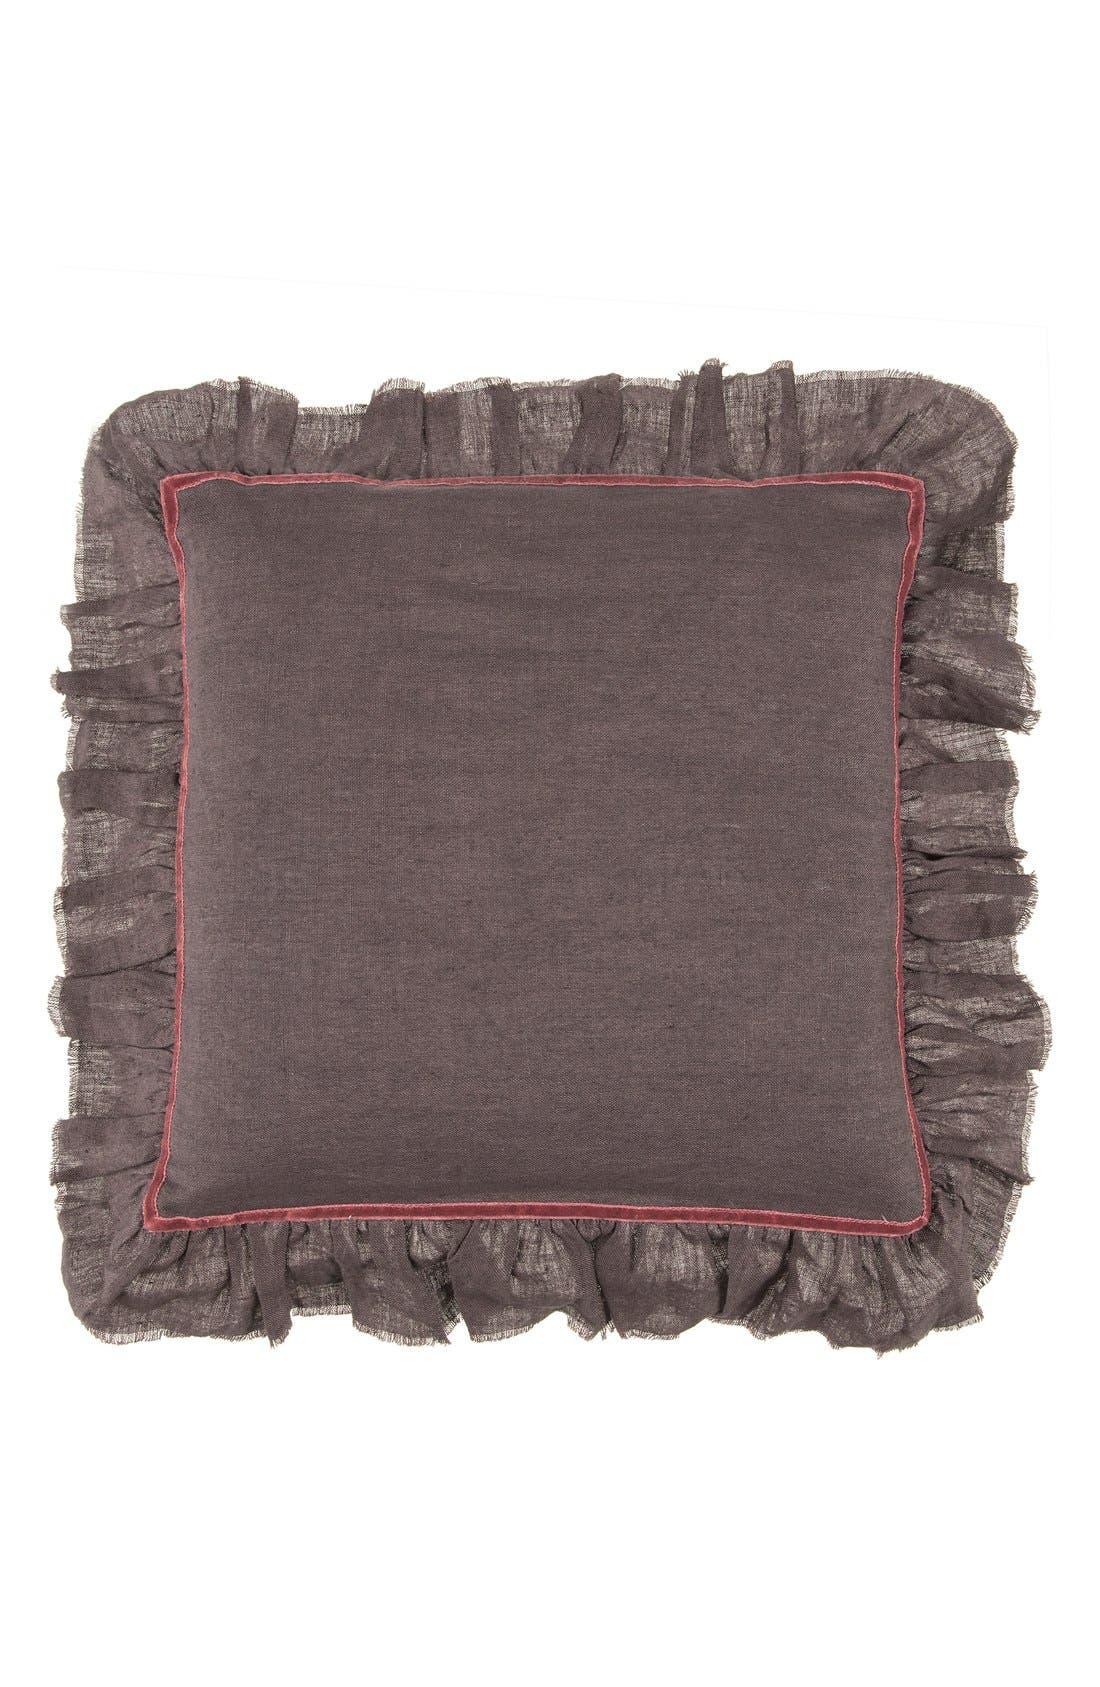 Beekman 1802 'Bellvale' Pillow